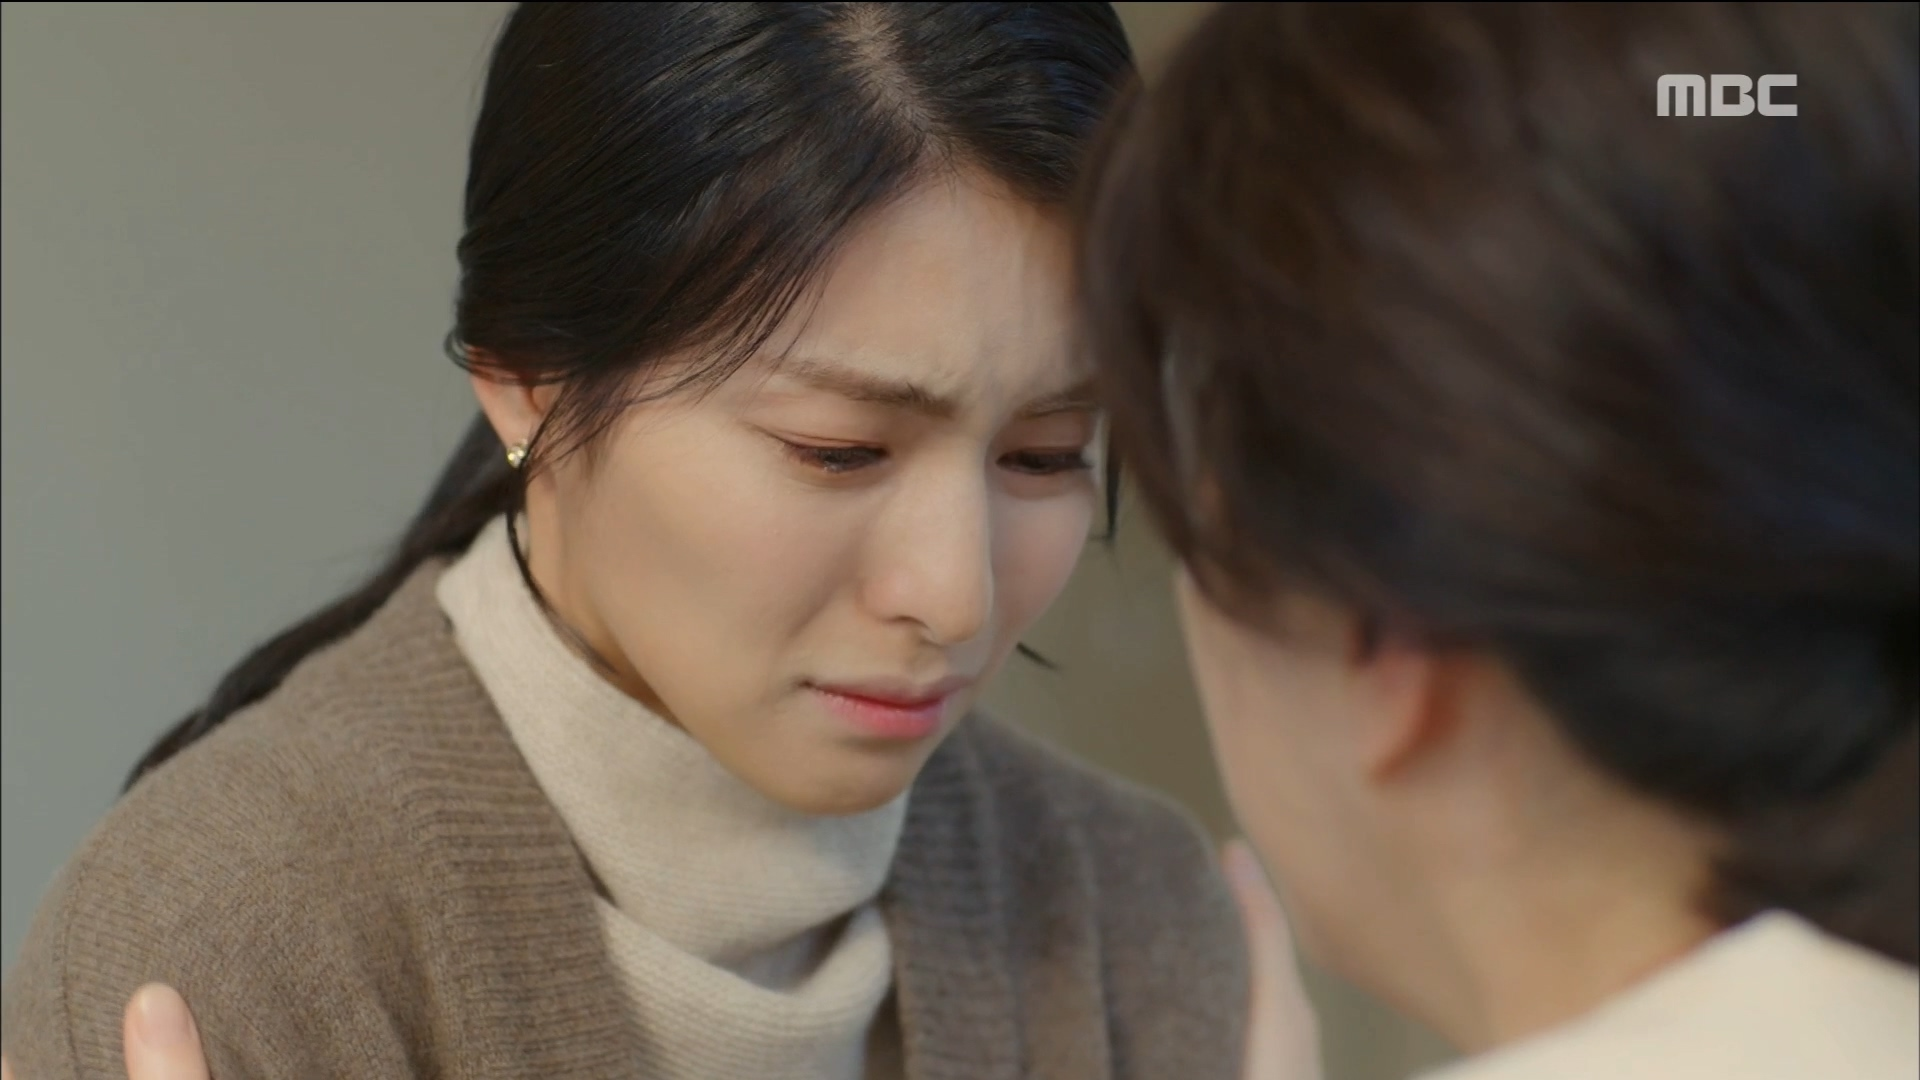 김미경, 안 보여도 느껴지는 큰딸 김정화 엄마도 호성이 보고 싶은데...